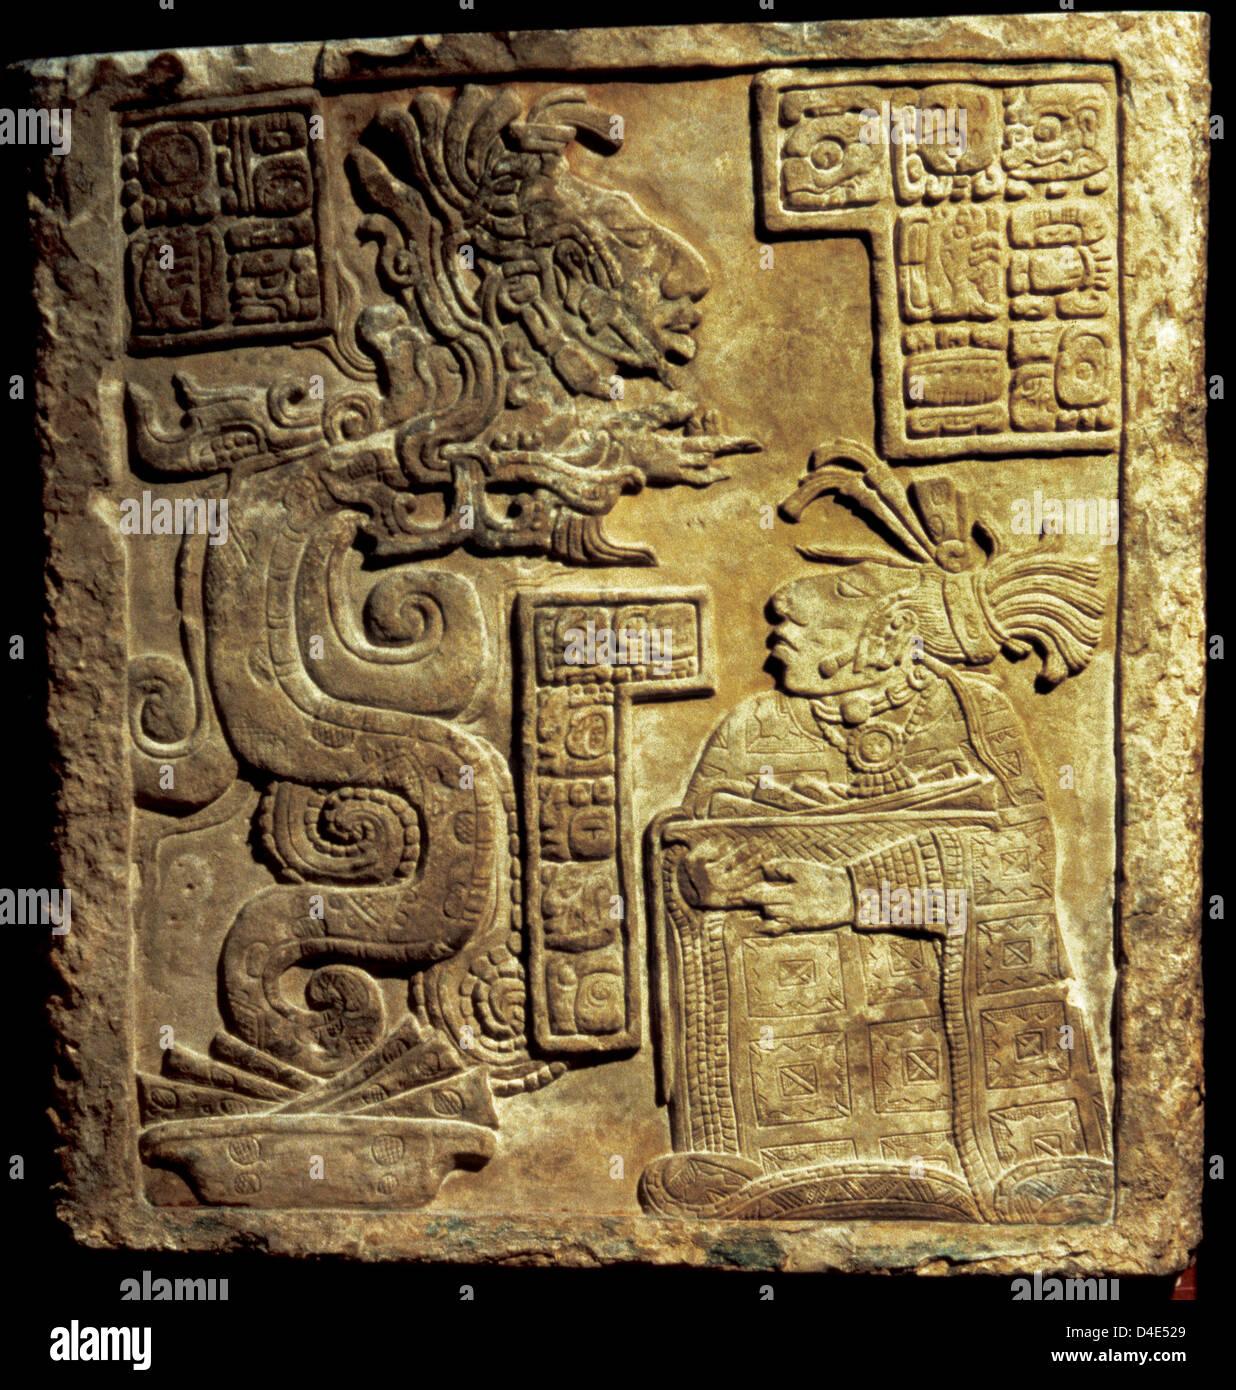 Arte precolombino de América Central. Maya. Dintel 15 de Yaxchilán, Clásico Tardío maya. 8º Imagen De Stock